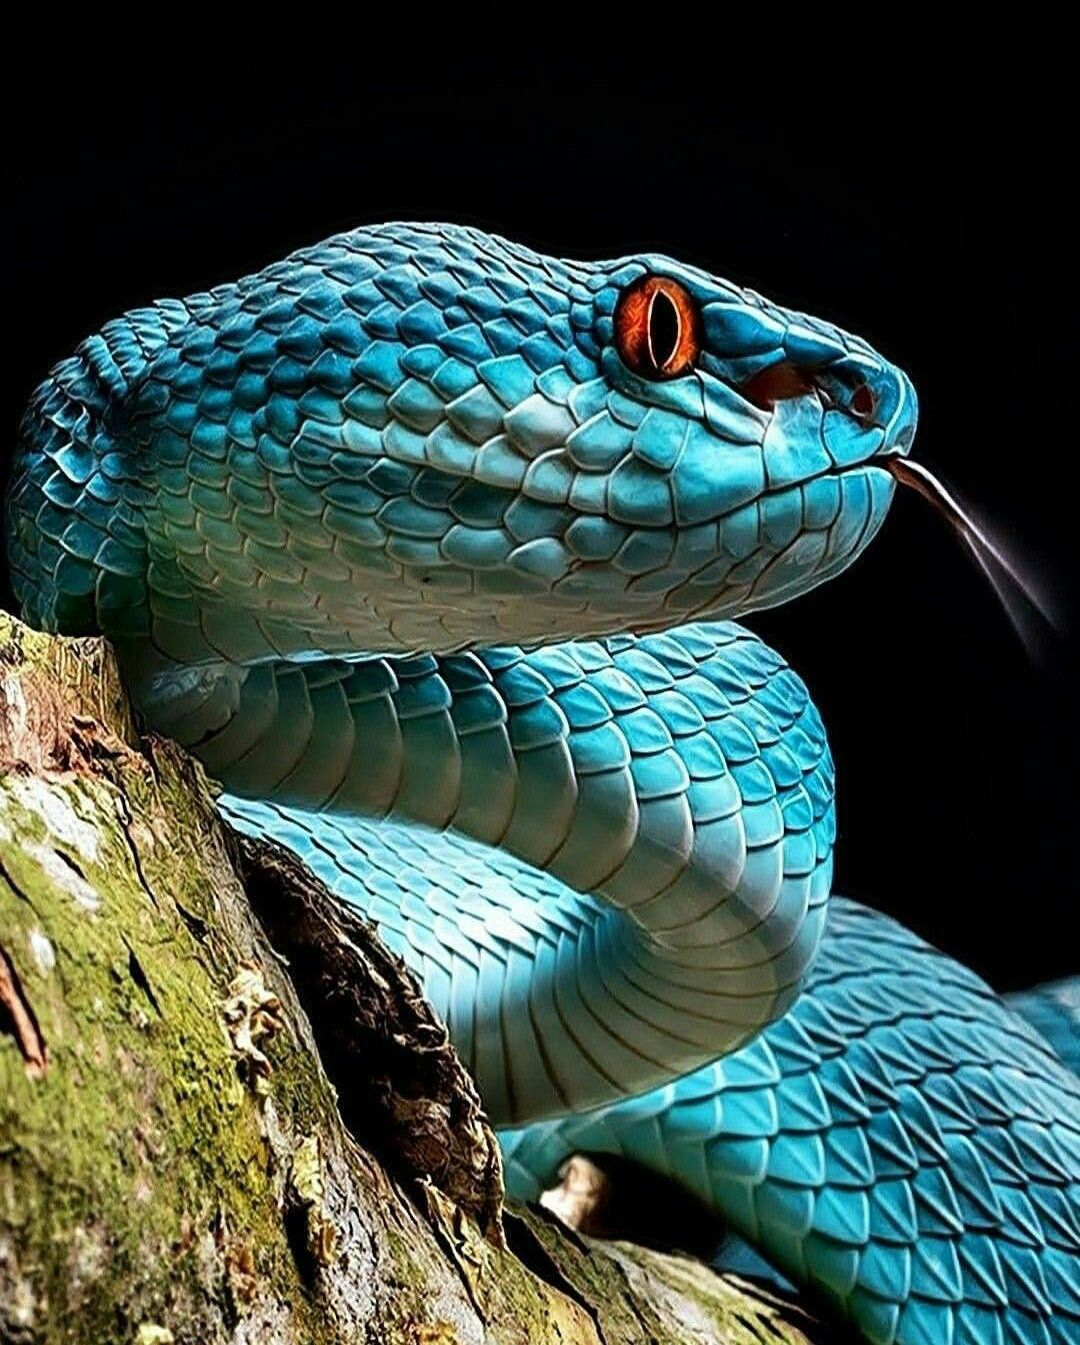 A closeup of the Blue Pit Viper a venomous pit viper